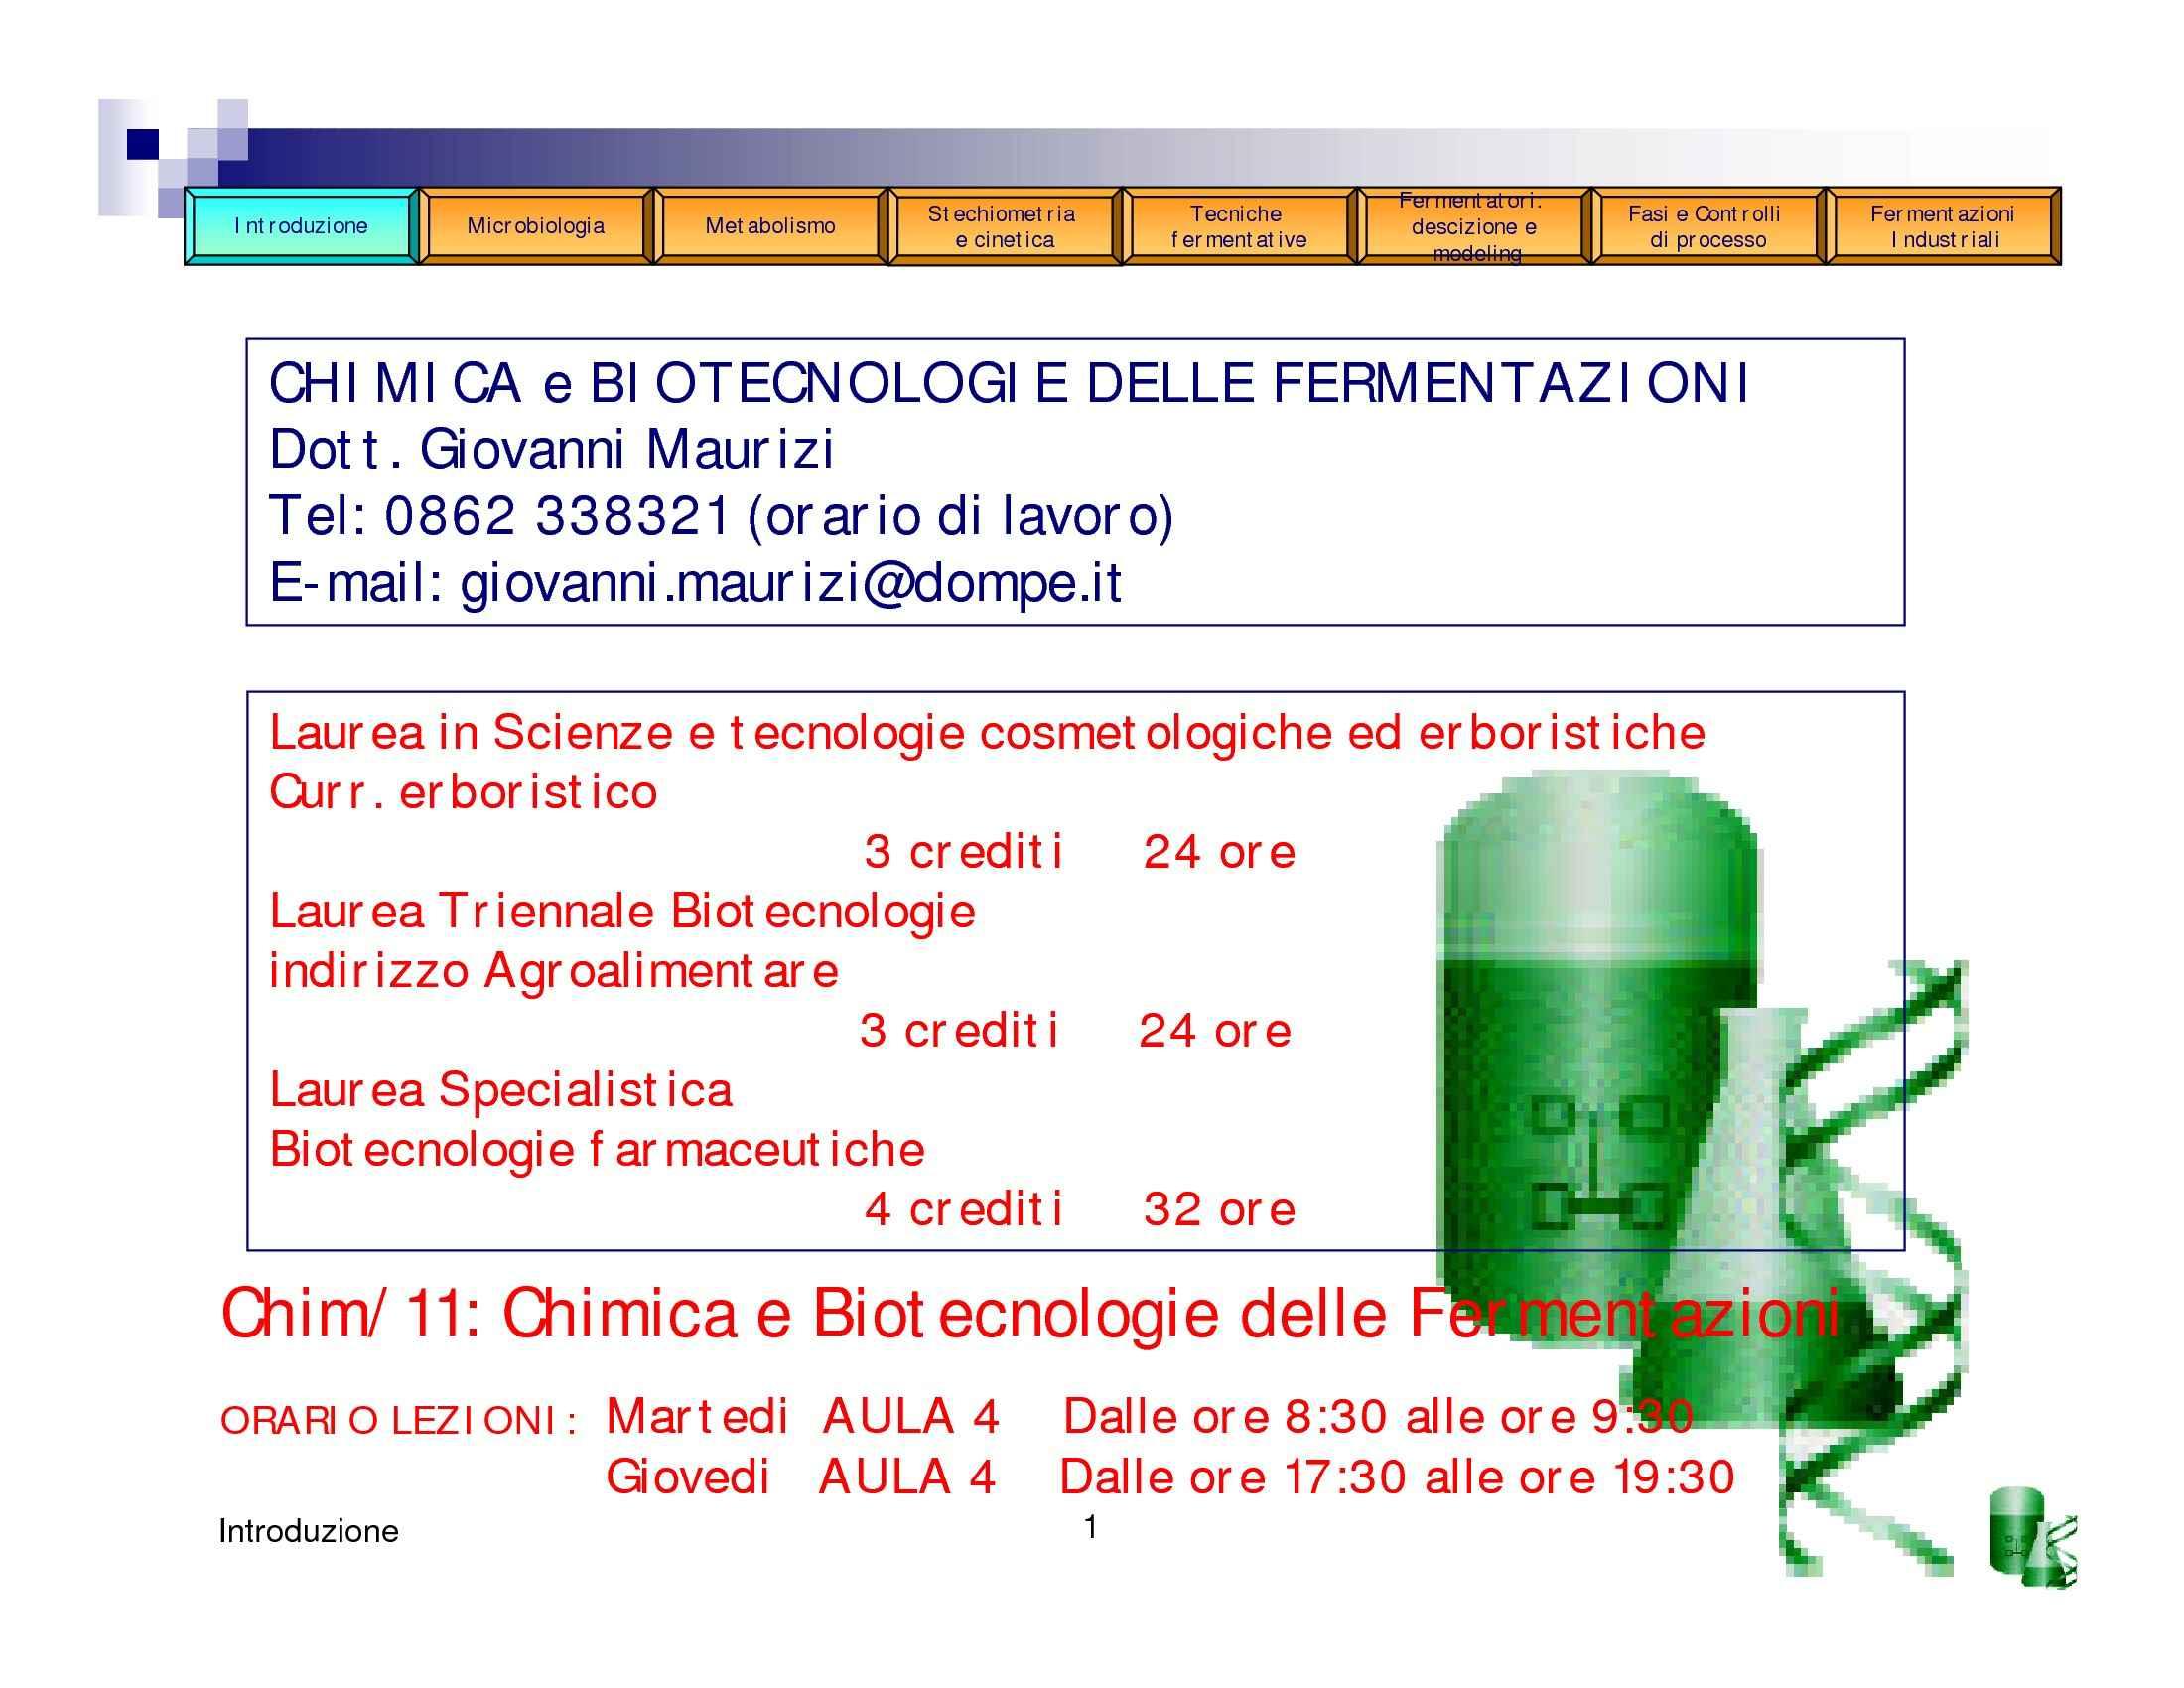 Chimica delle fermentazioni - Elementi